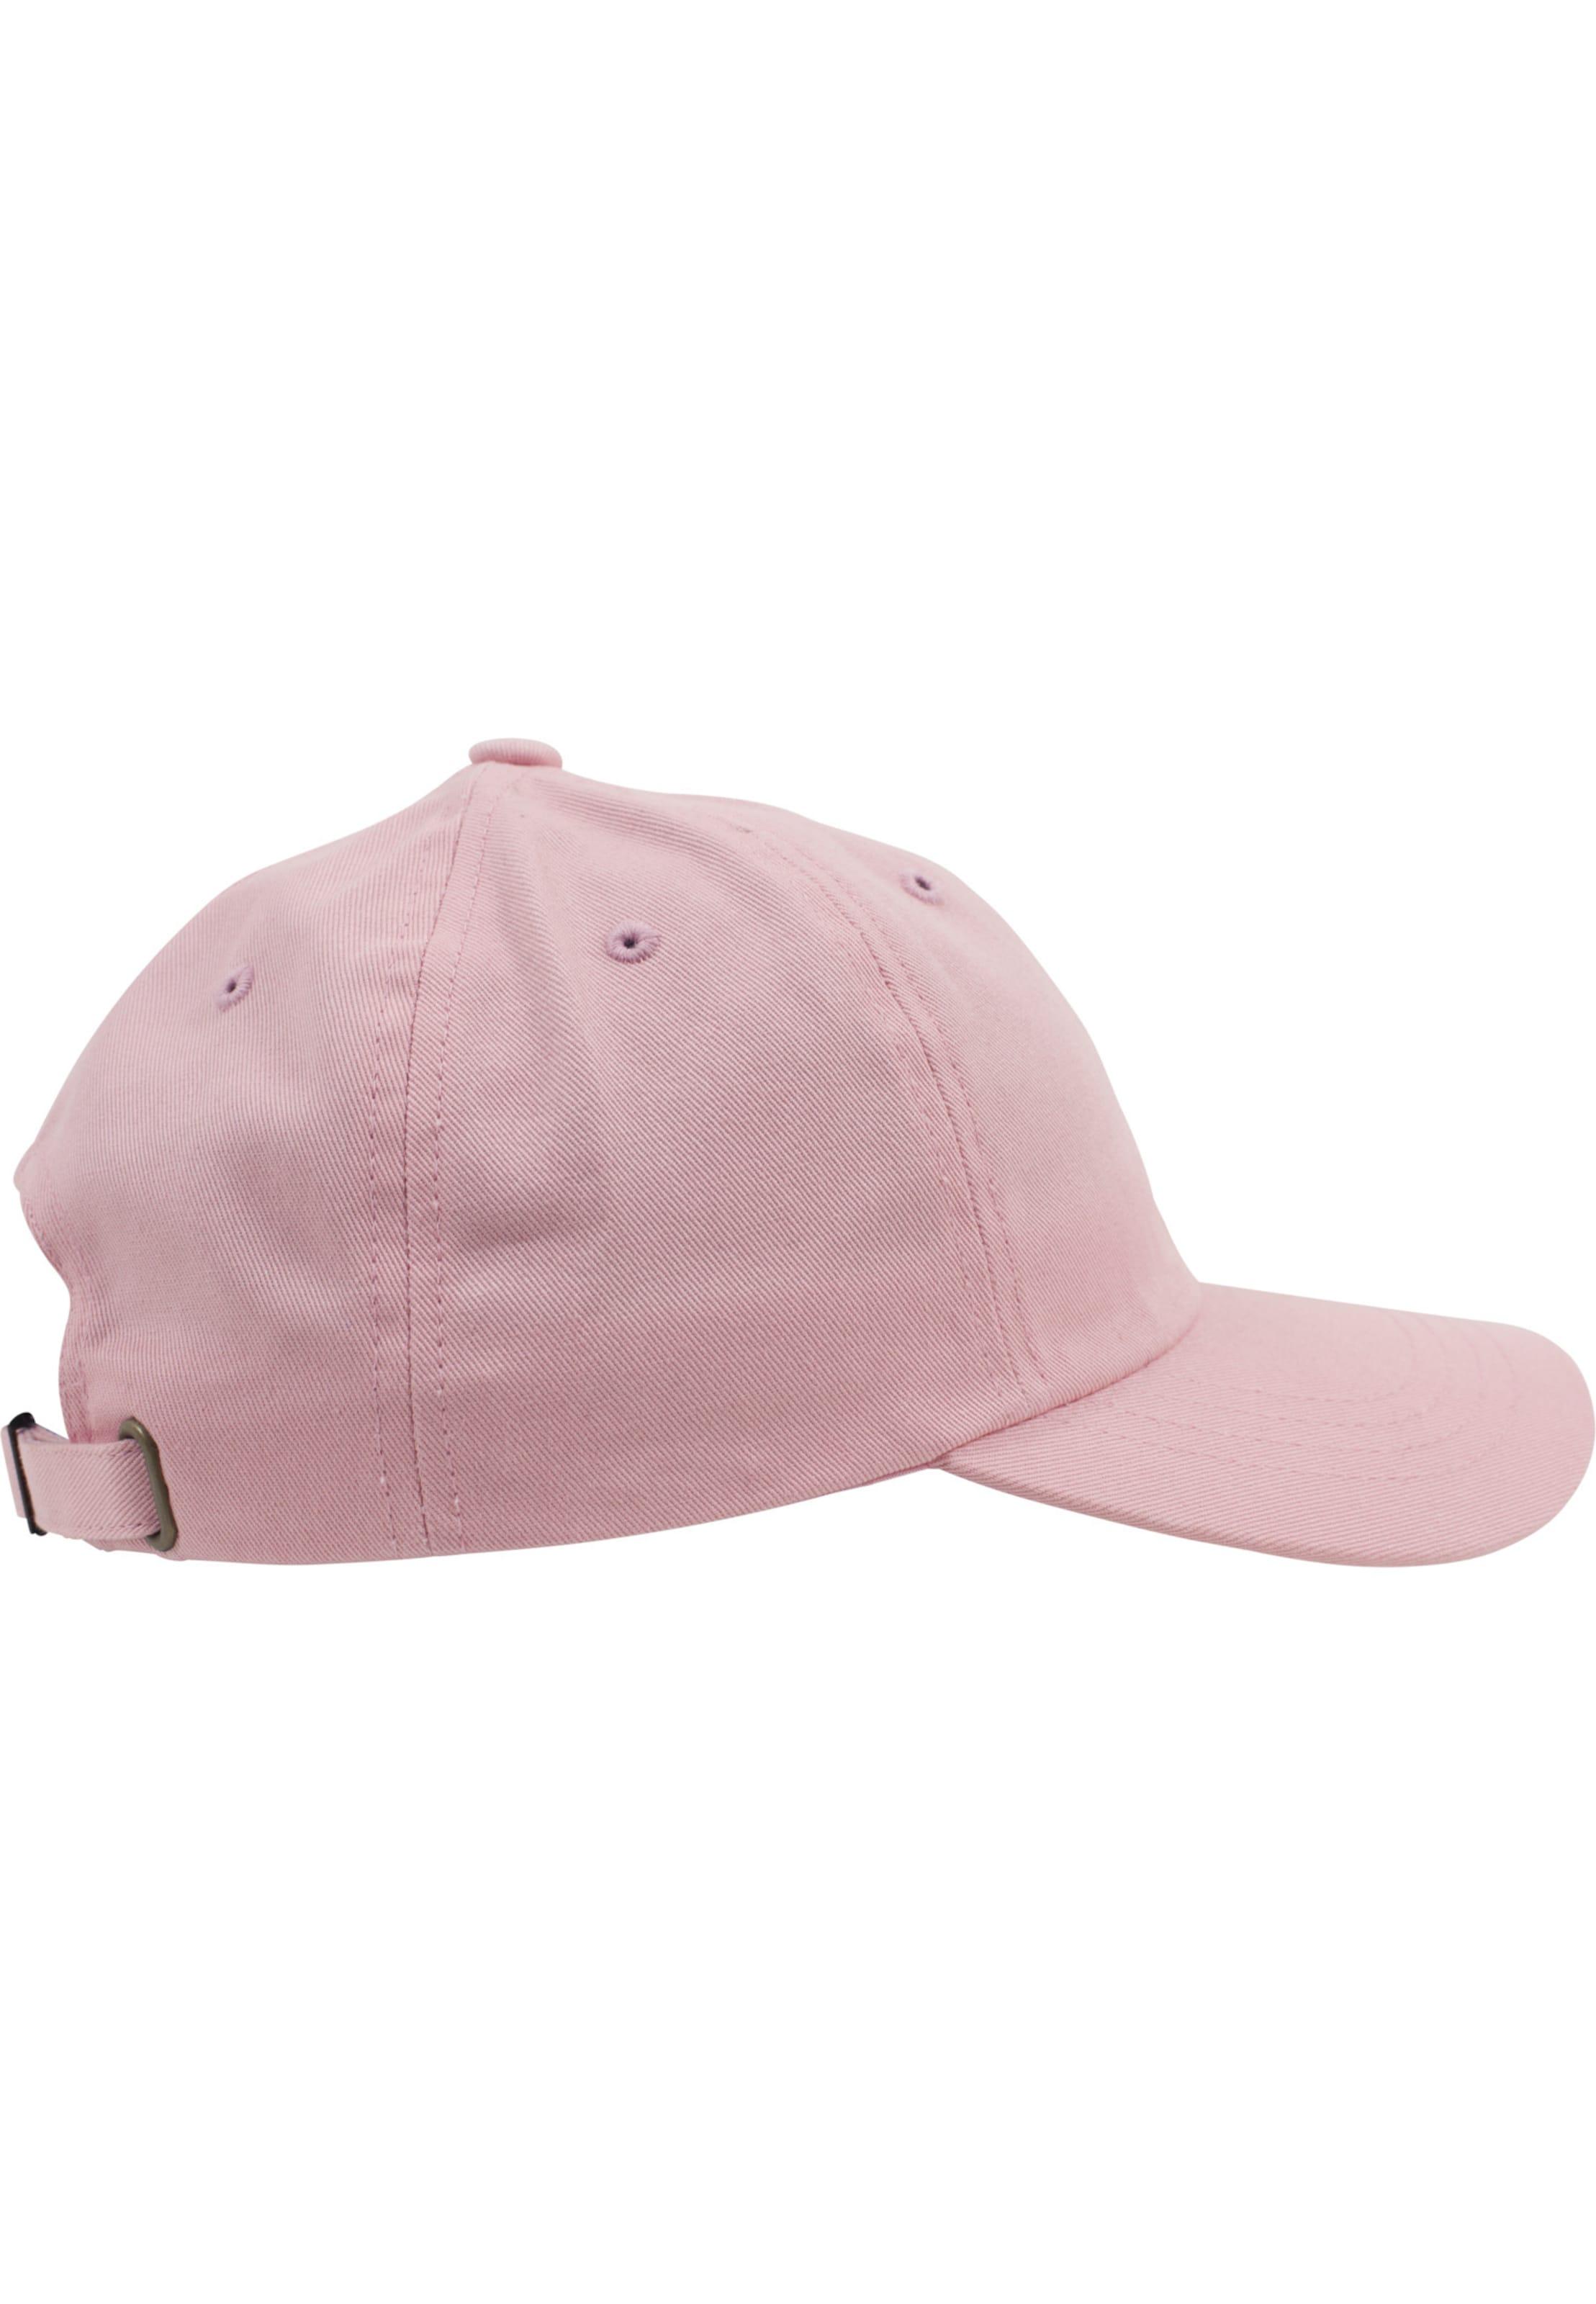 Flexfit Low Dadcap Pink Profile In F5uTlJK1c3